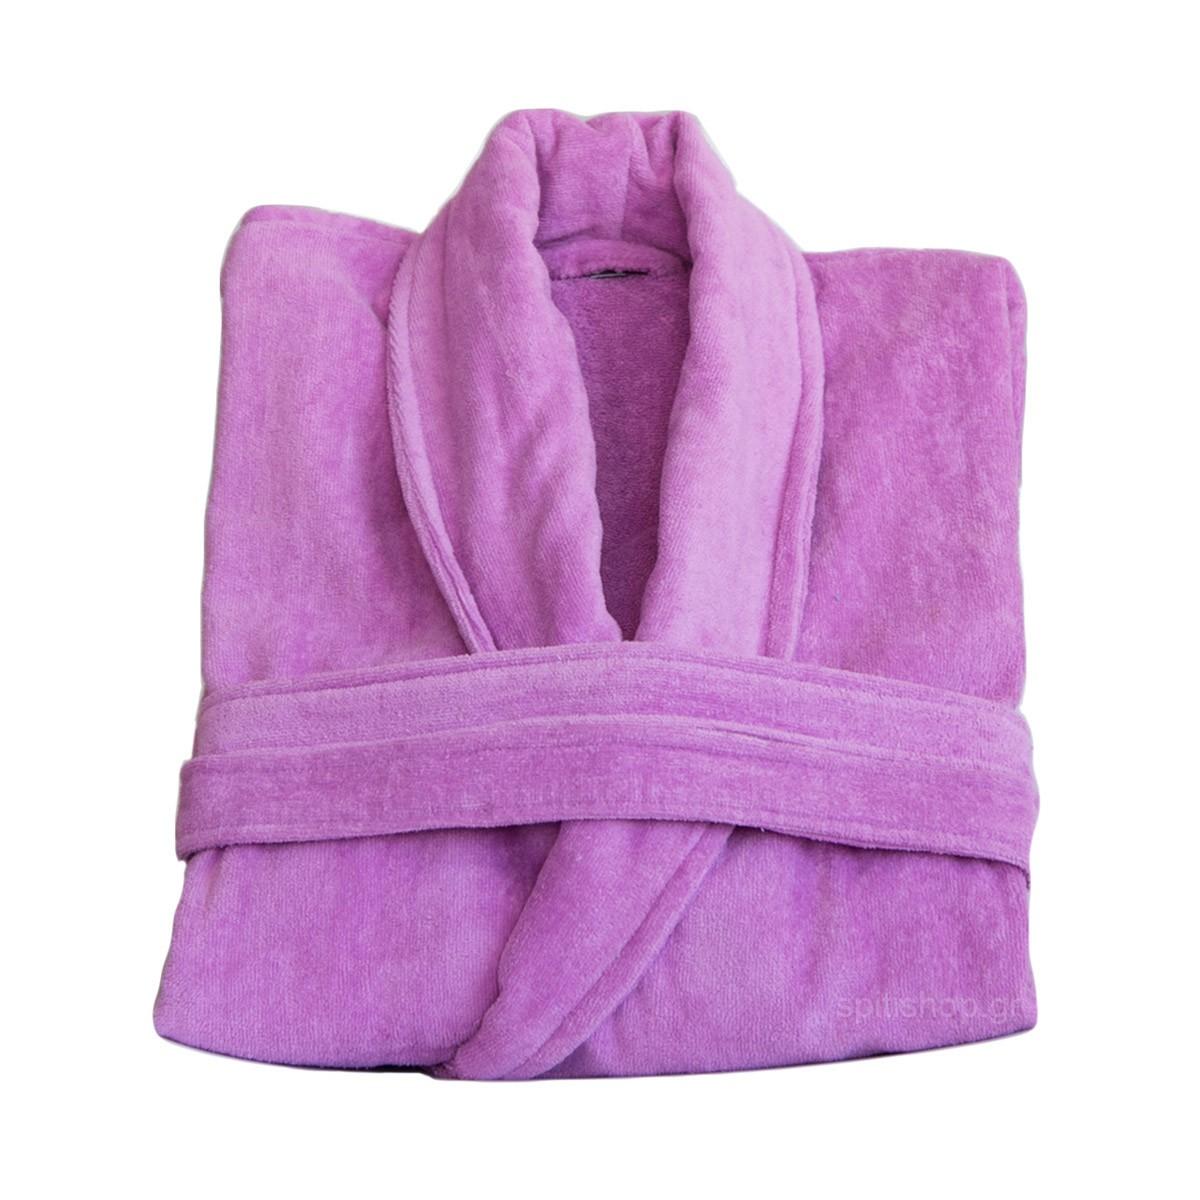 Μπουρνούζι Nima Spa Purple MEDIUM MEDIUM